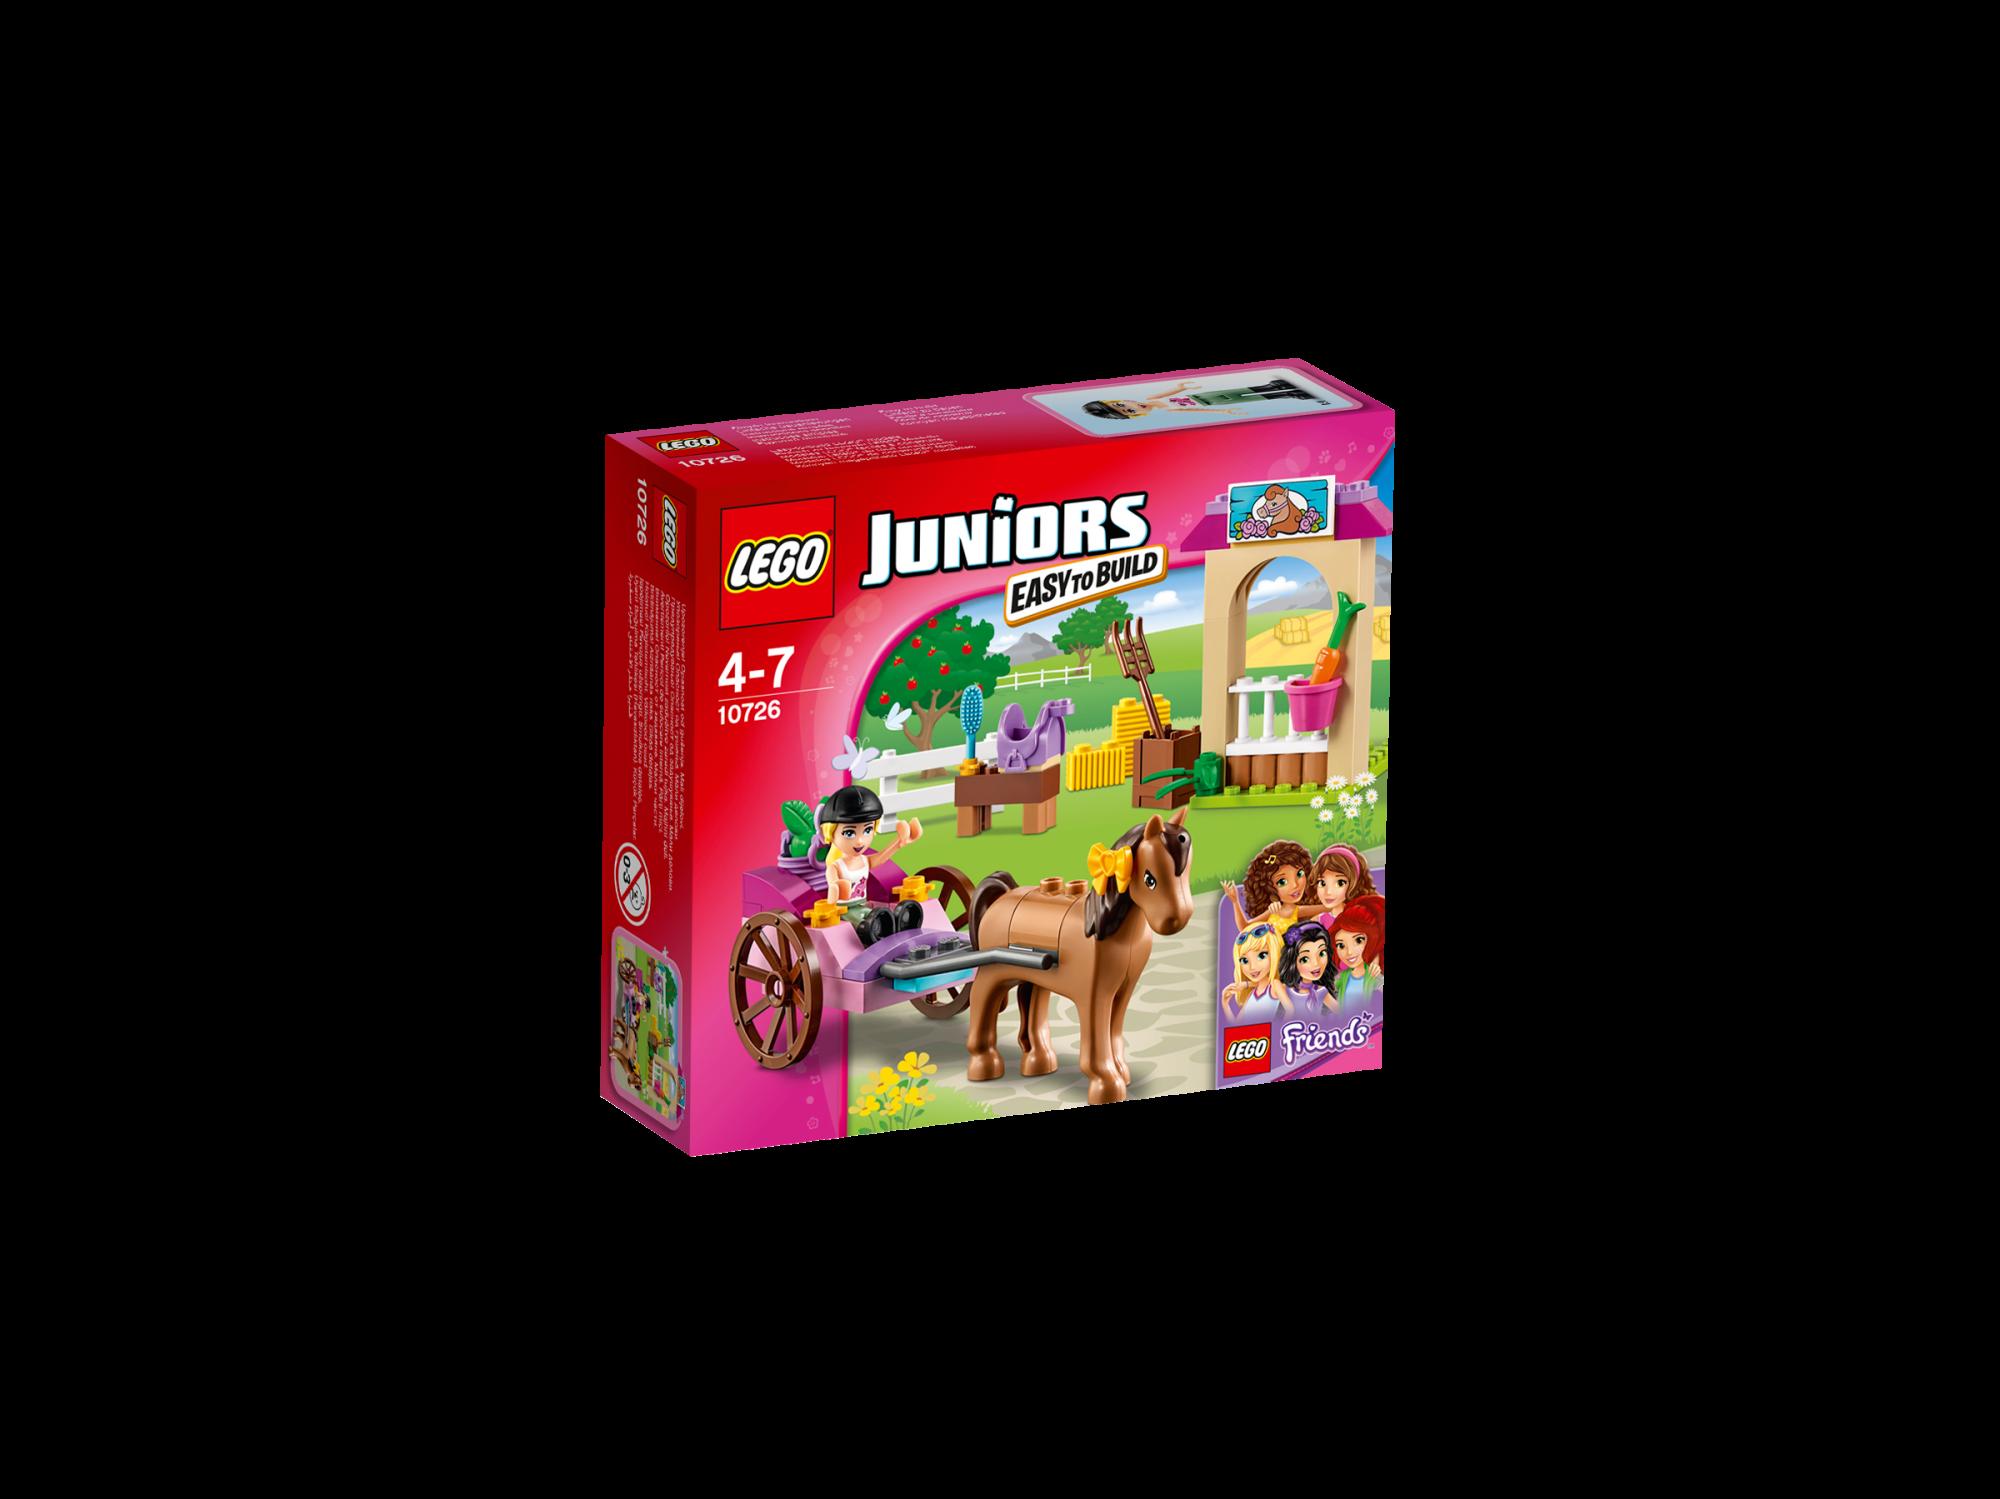 67409fd0532 LEGO Juniors Stephanie hobuvanker